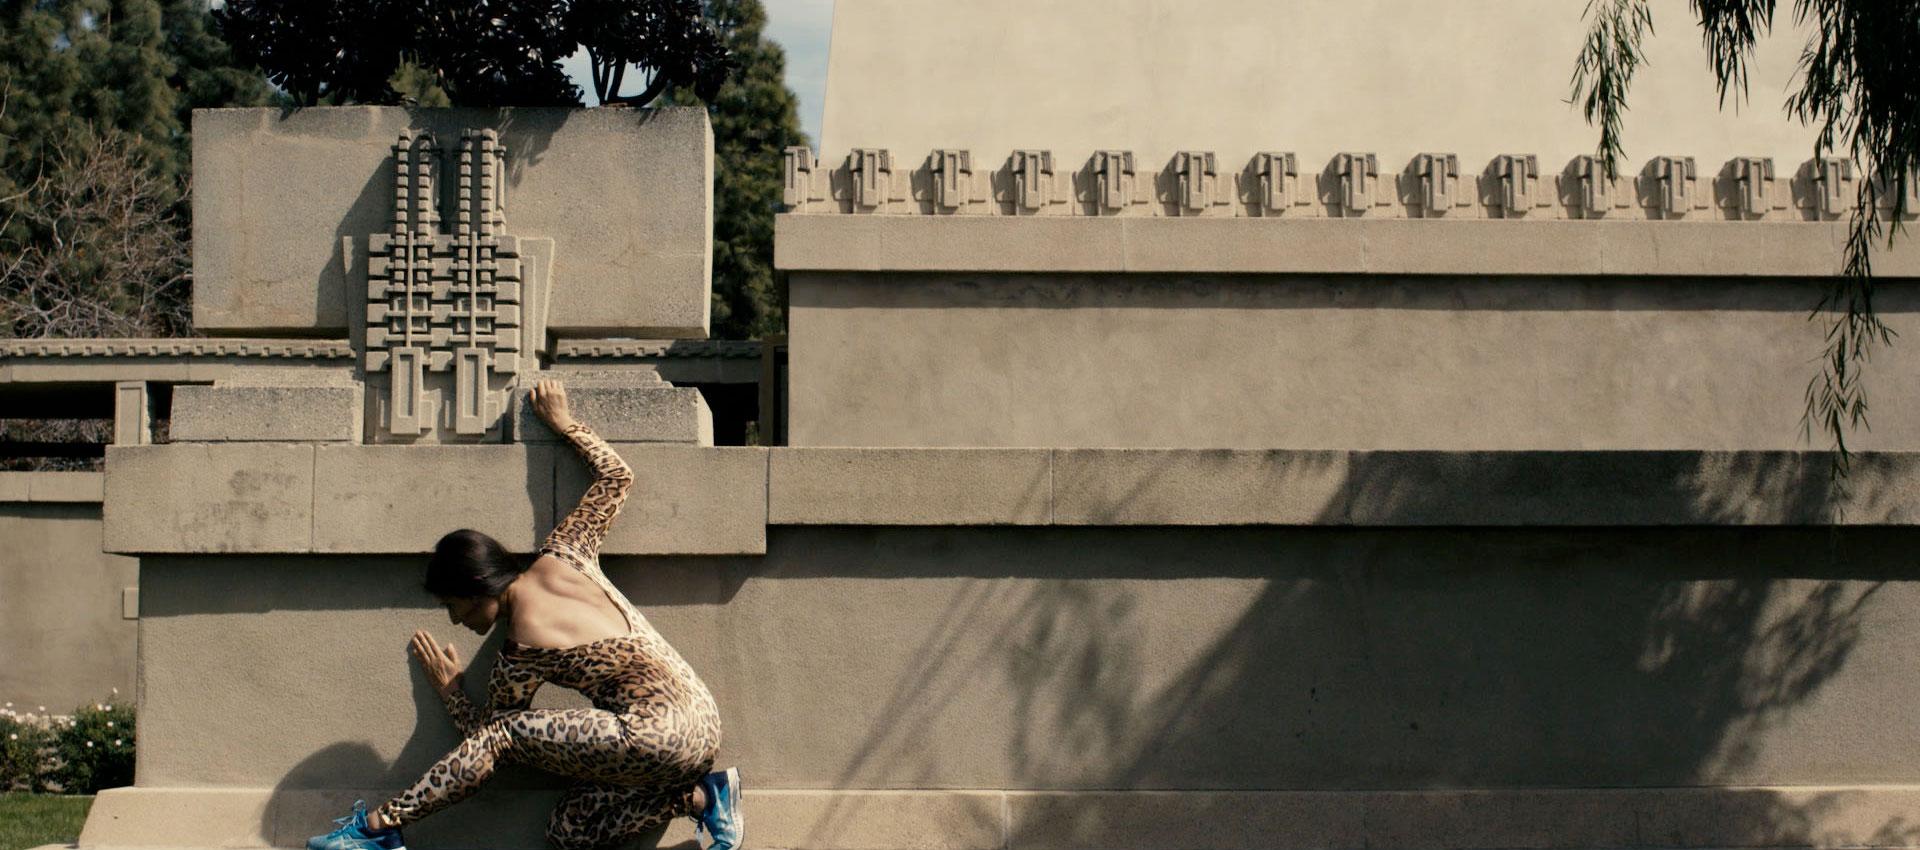 """Clarissa Tossin, Ch'u Mayaa, 2017, producción. Coreografía / Intérprete: Crystal Sepúlveda; Cinematografía: Jeremy Glaholt. Originalmente encargado y producido por el Departamento de Asuntos Culturales de la Ciudad de Los Ángeles para la exposición """"Condenados a ser modernos"""" como parte de """"Hora estándar del Pacífico: LA / LA"""". Cortesía del artista"""